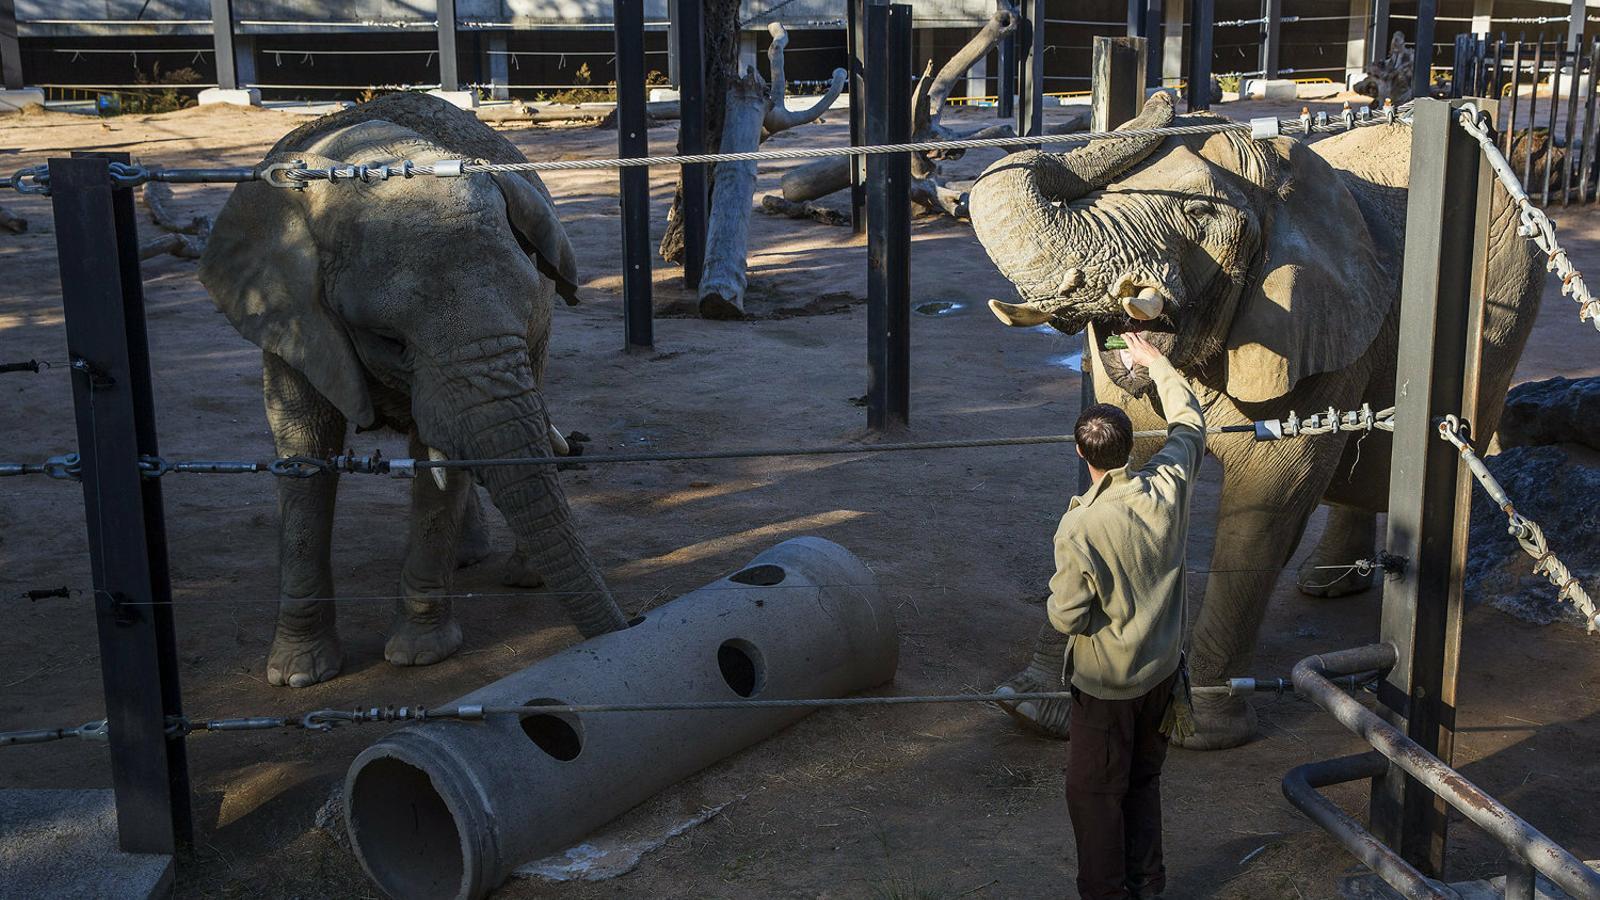 Els elefants són una de les moltes espècies del Zoo de Barcelona   Que no tenen la continuïtat garantida.